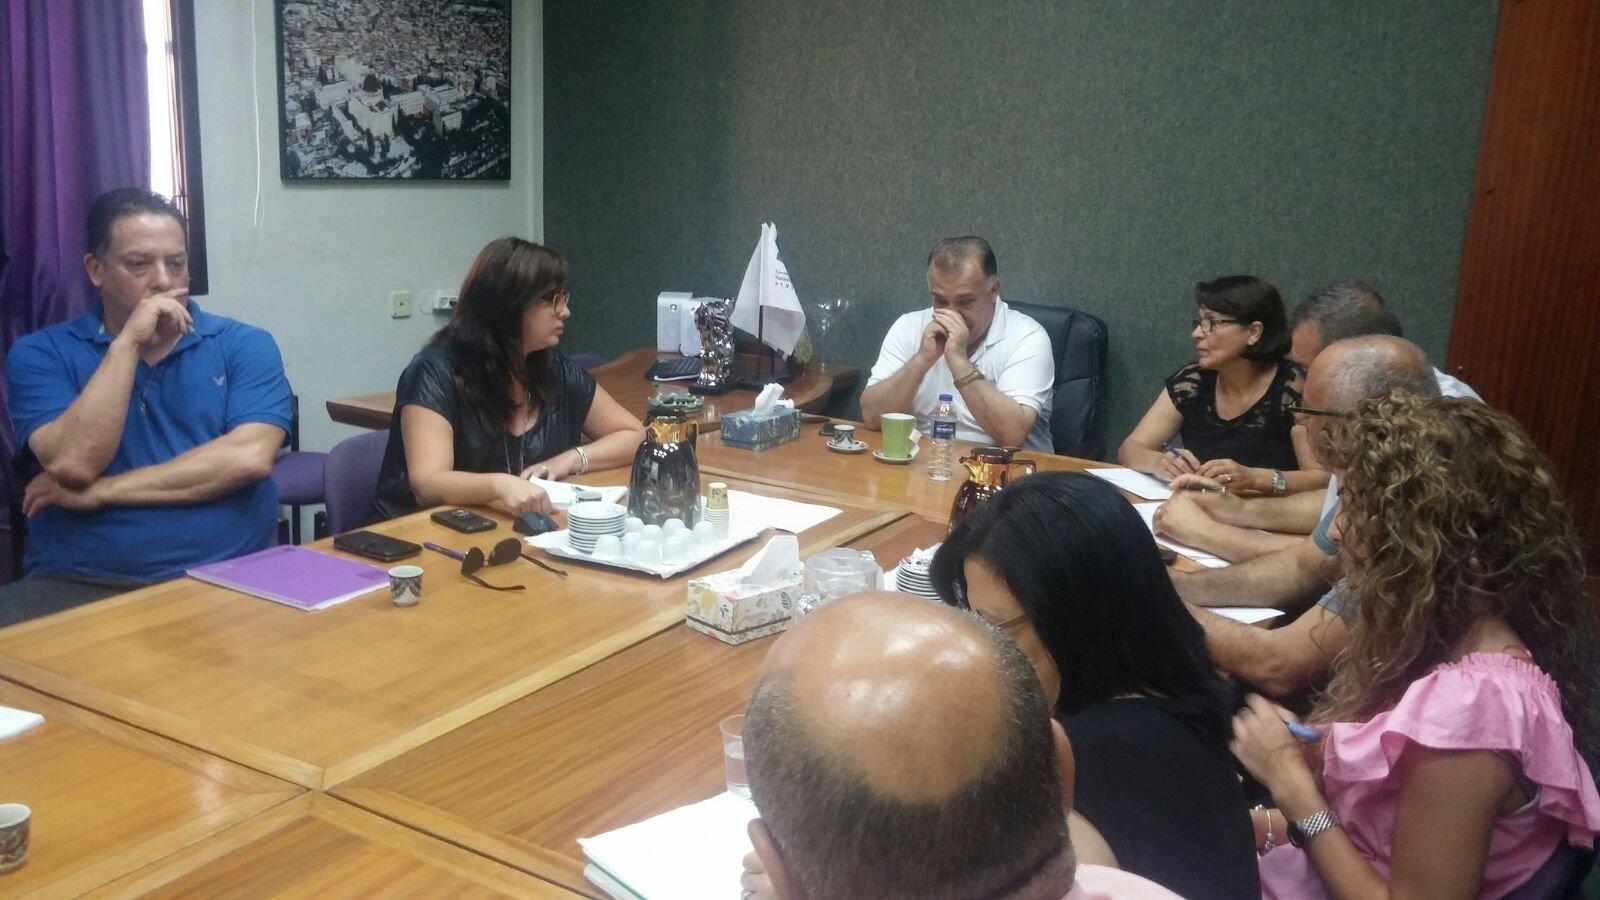 بلدية الناصرة تعقد جلسة خاصة مع شركة مبادرة لبحث موضوع إحياء السوق